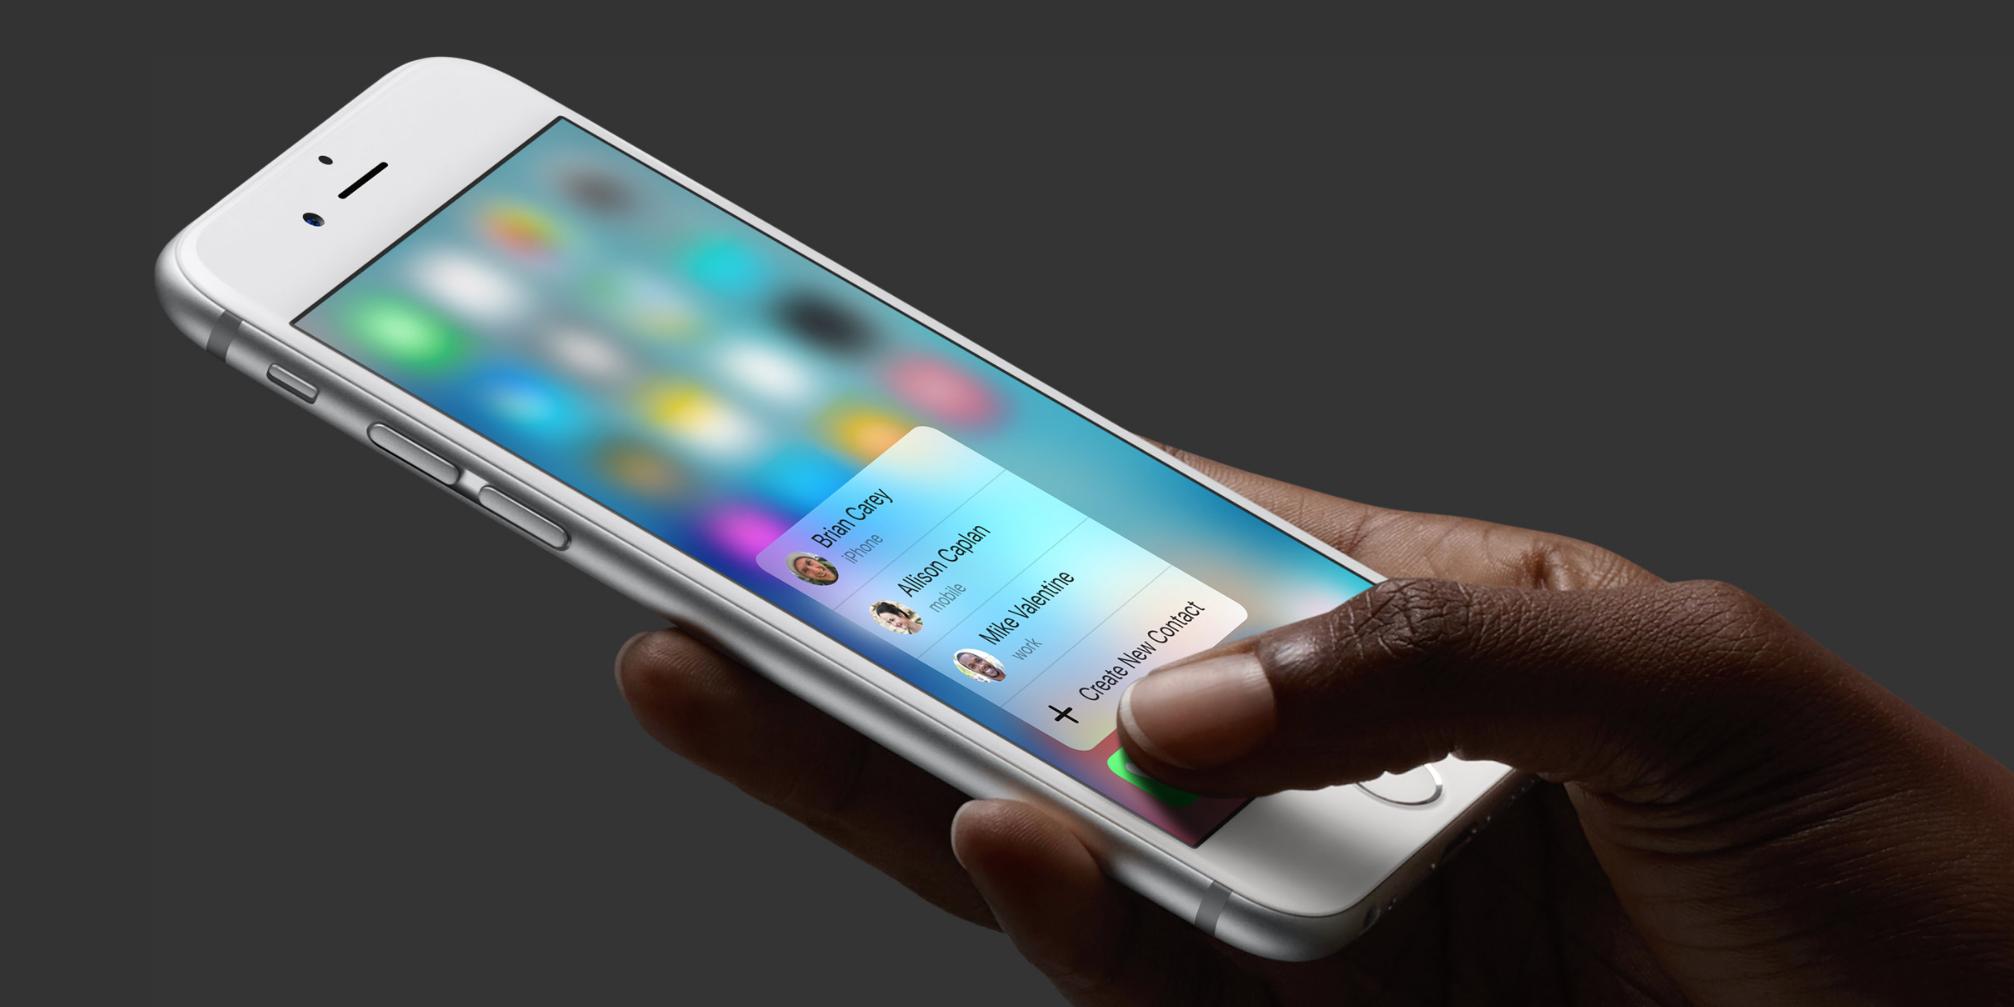 Джейлбрейк-твик добавляет функциональность 3D Touch старым iPhone